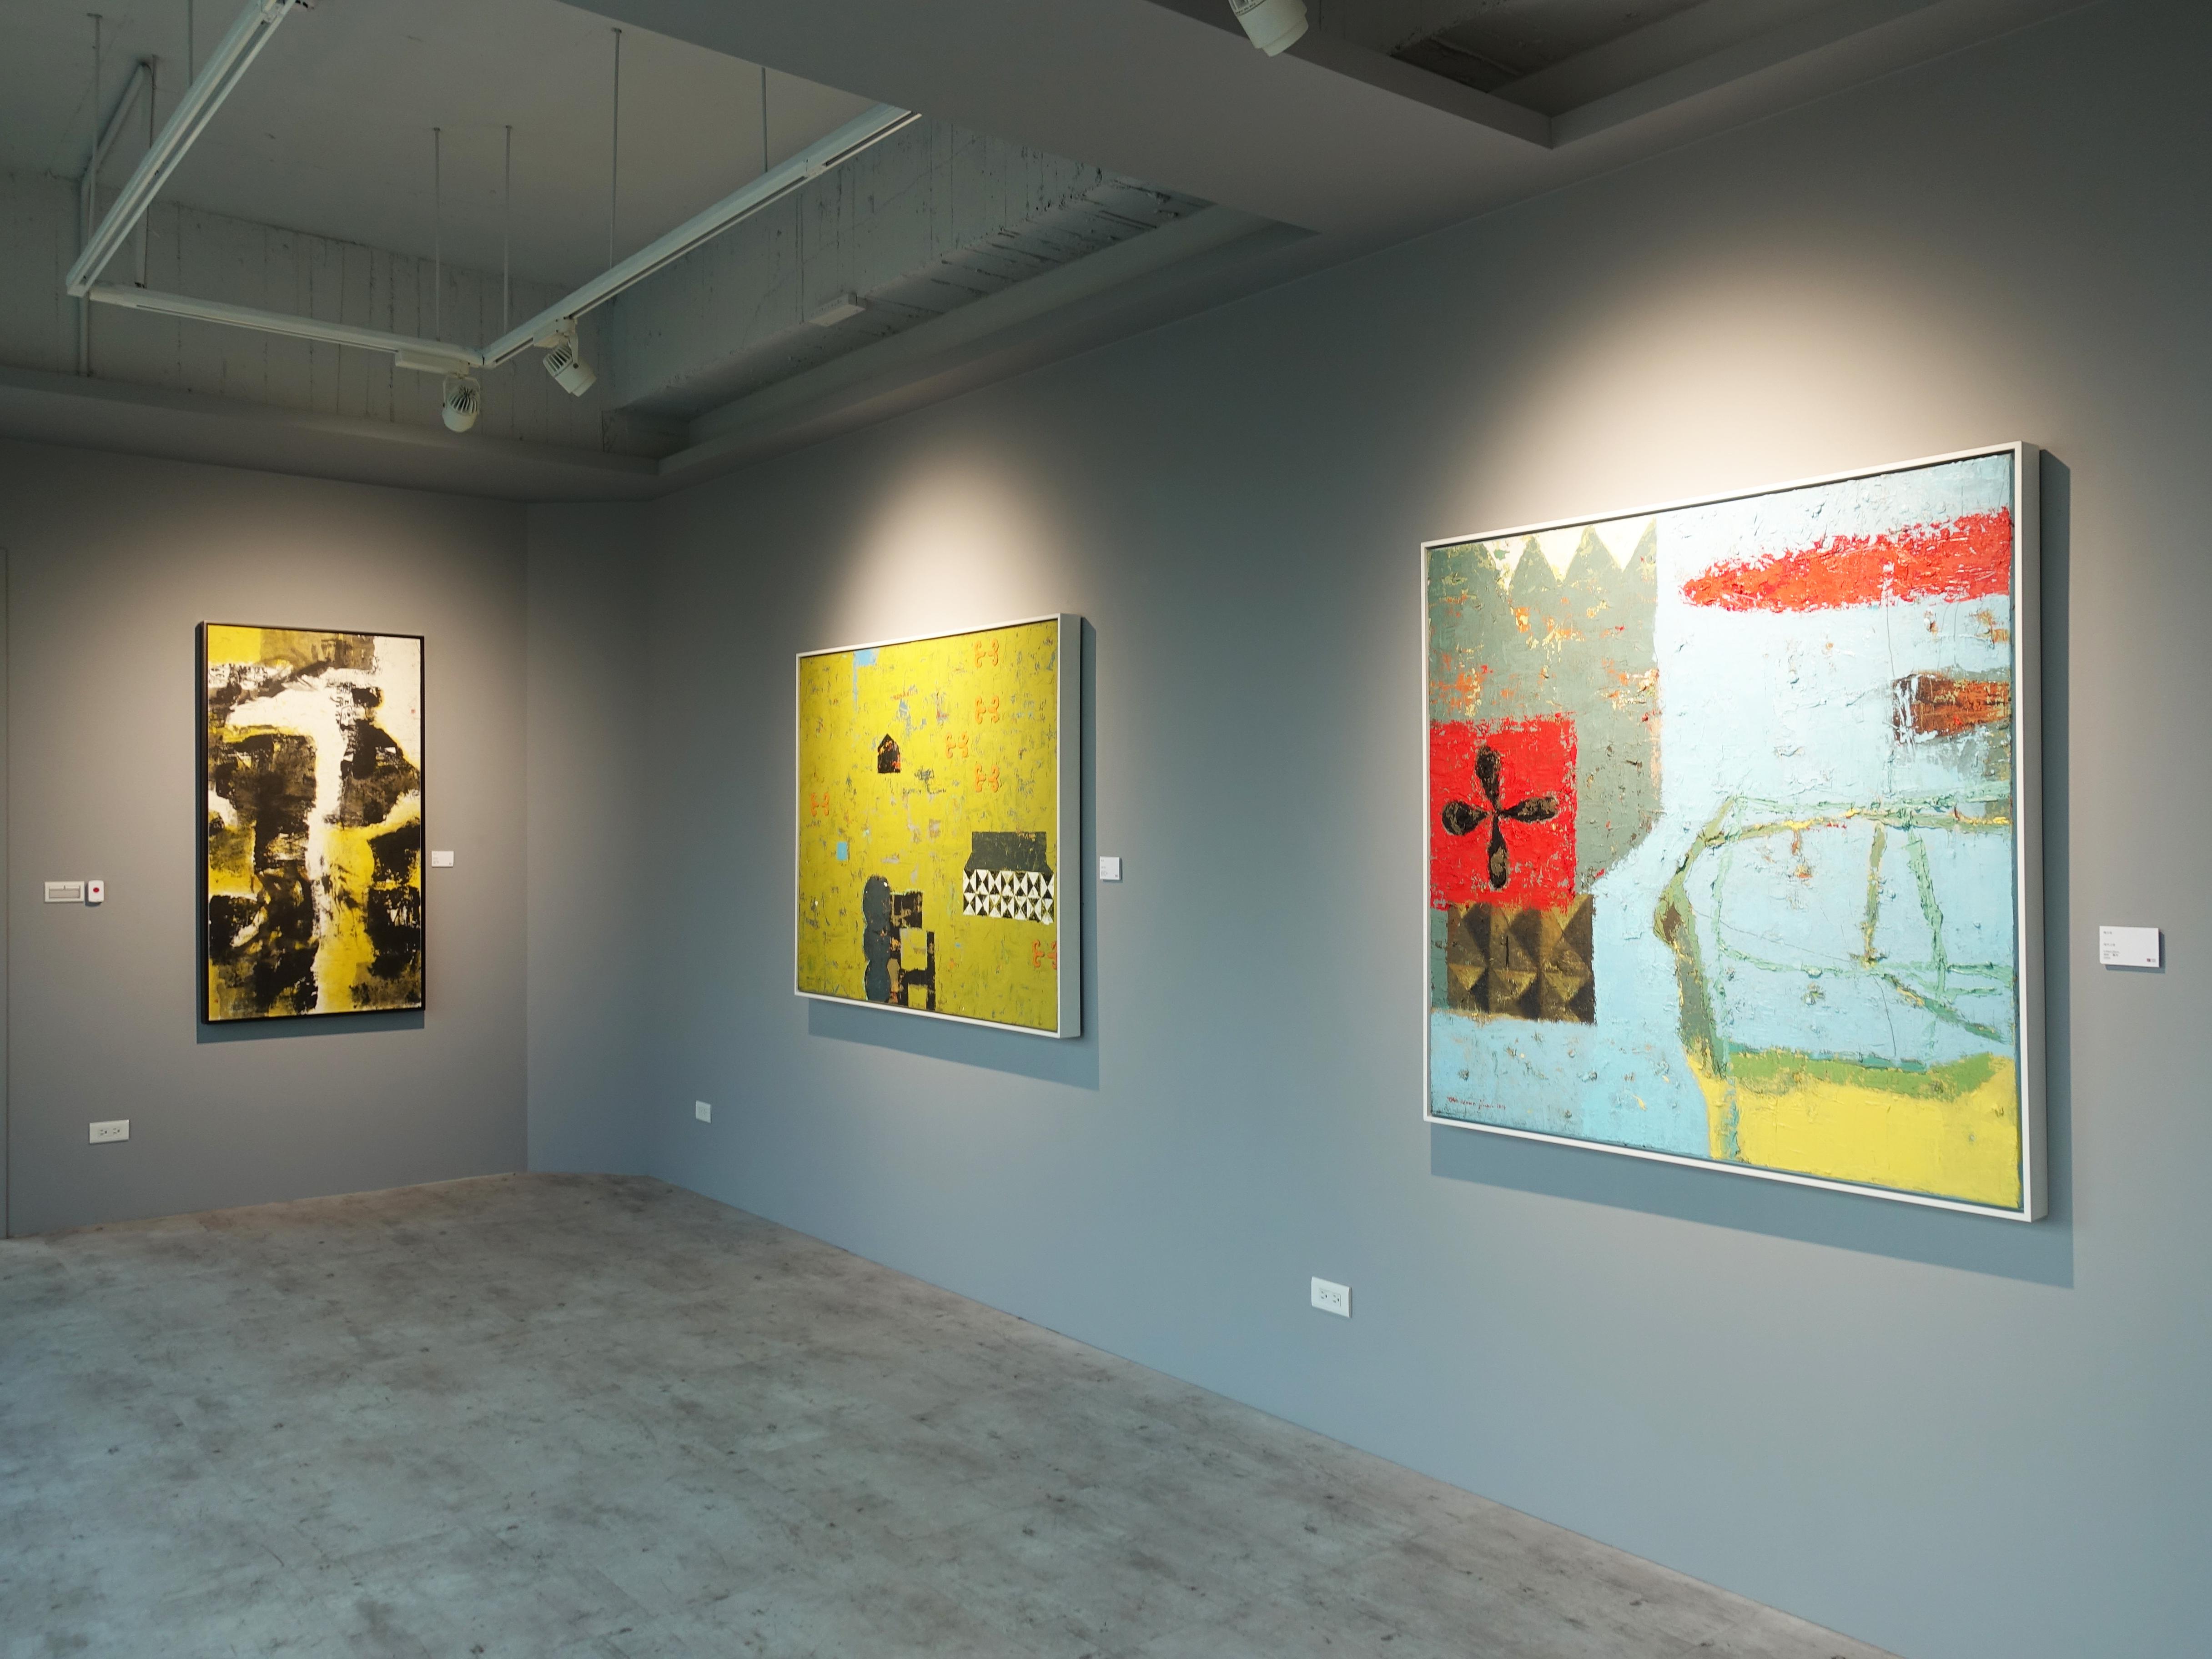 宛儒畫廊展出藝術家陶文岳油畫系列作品。